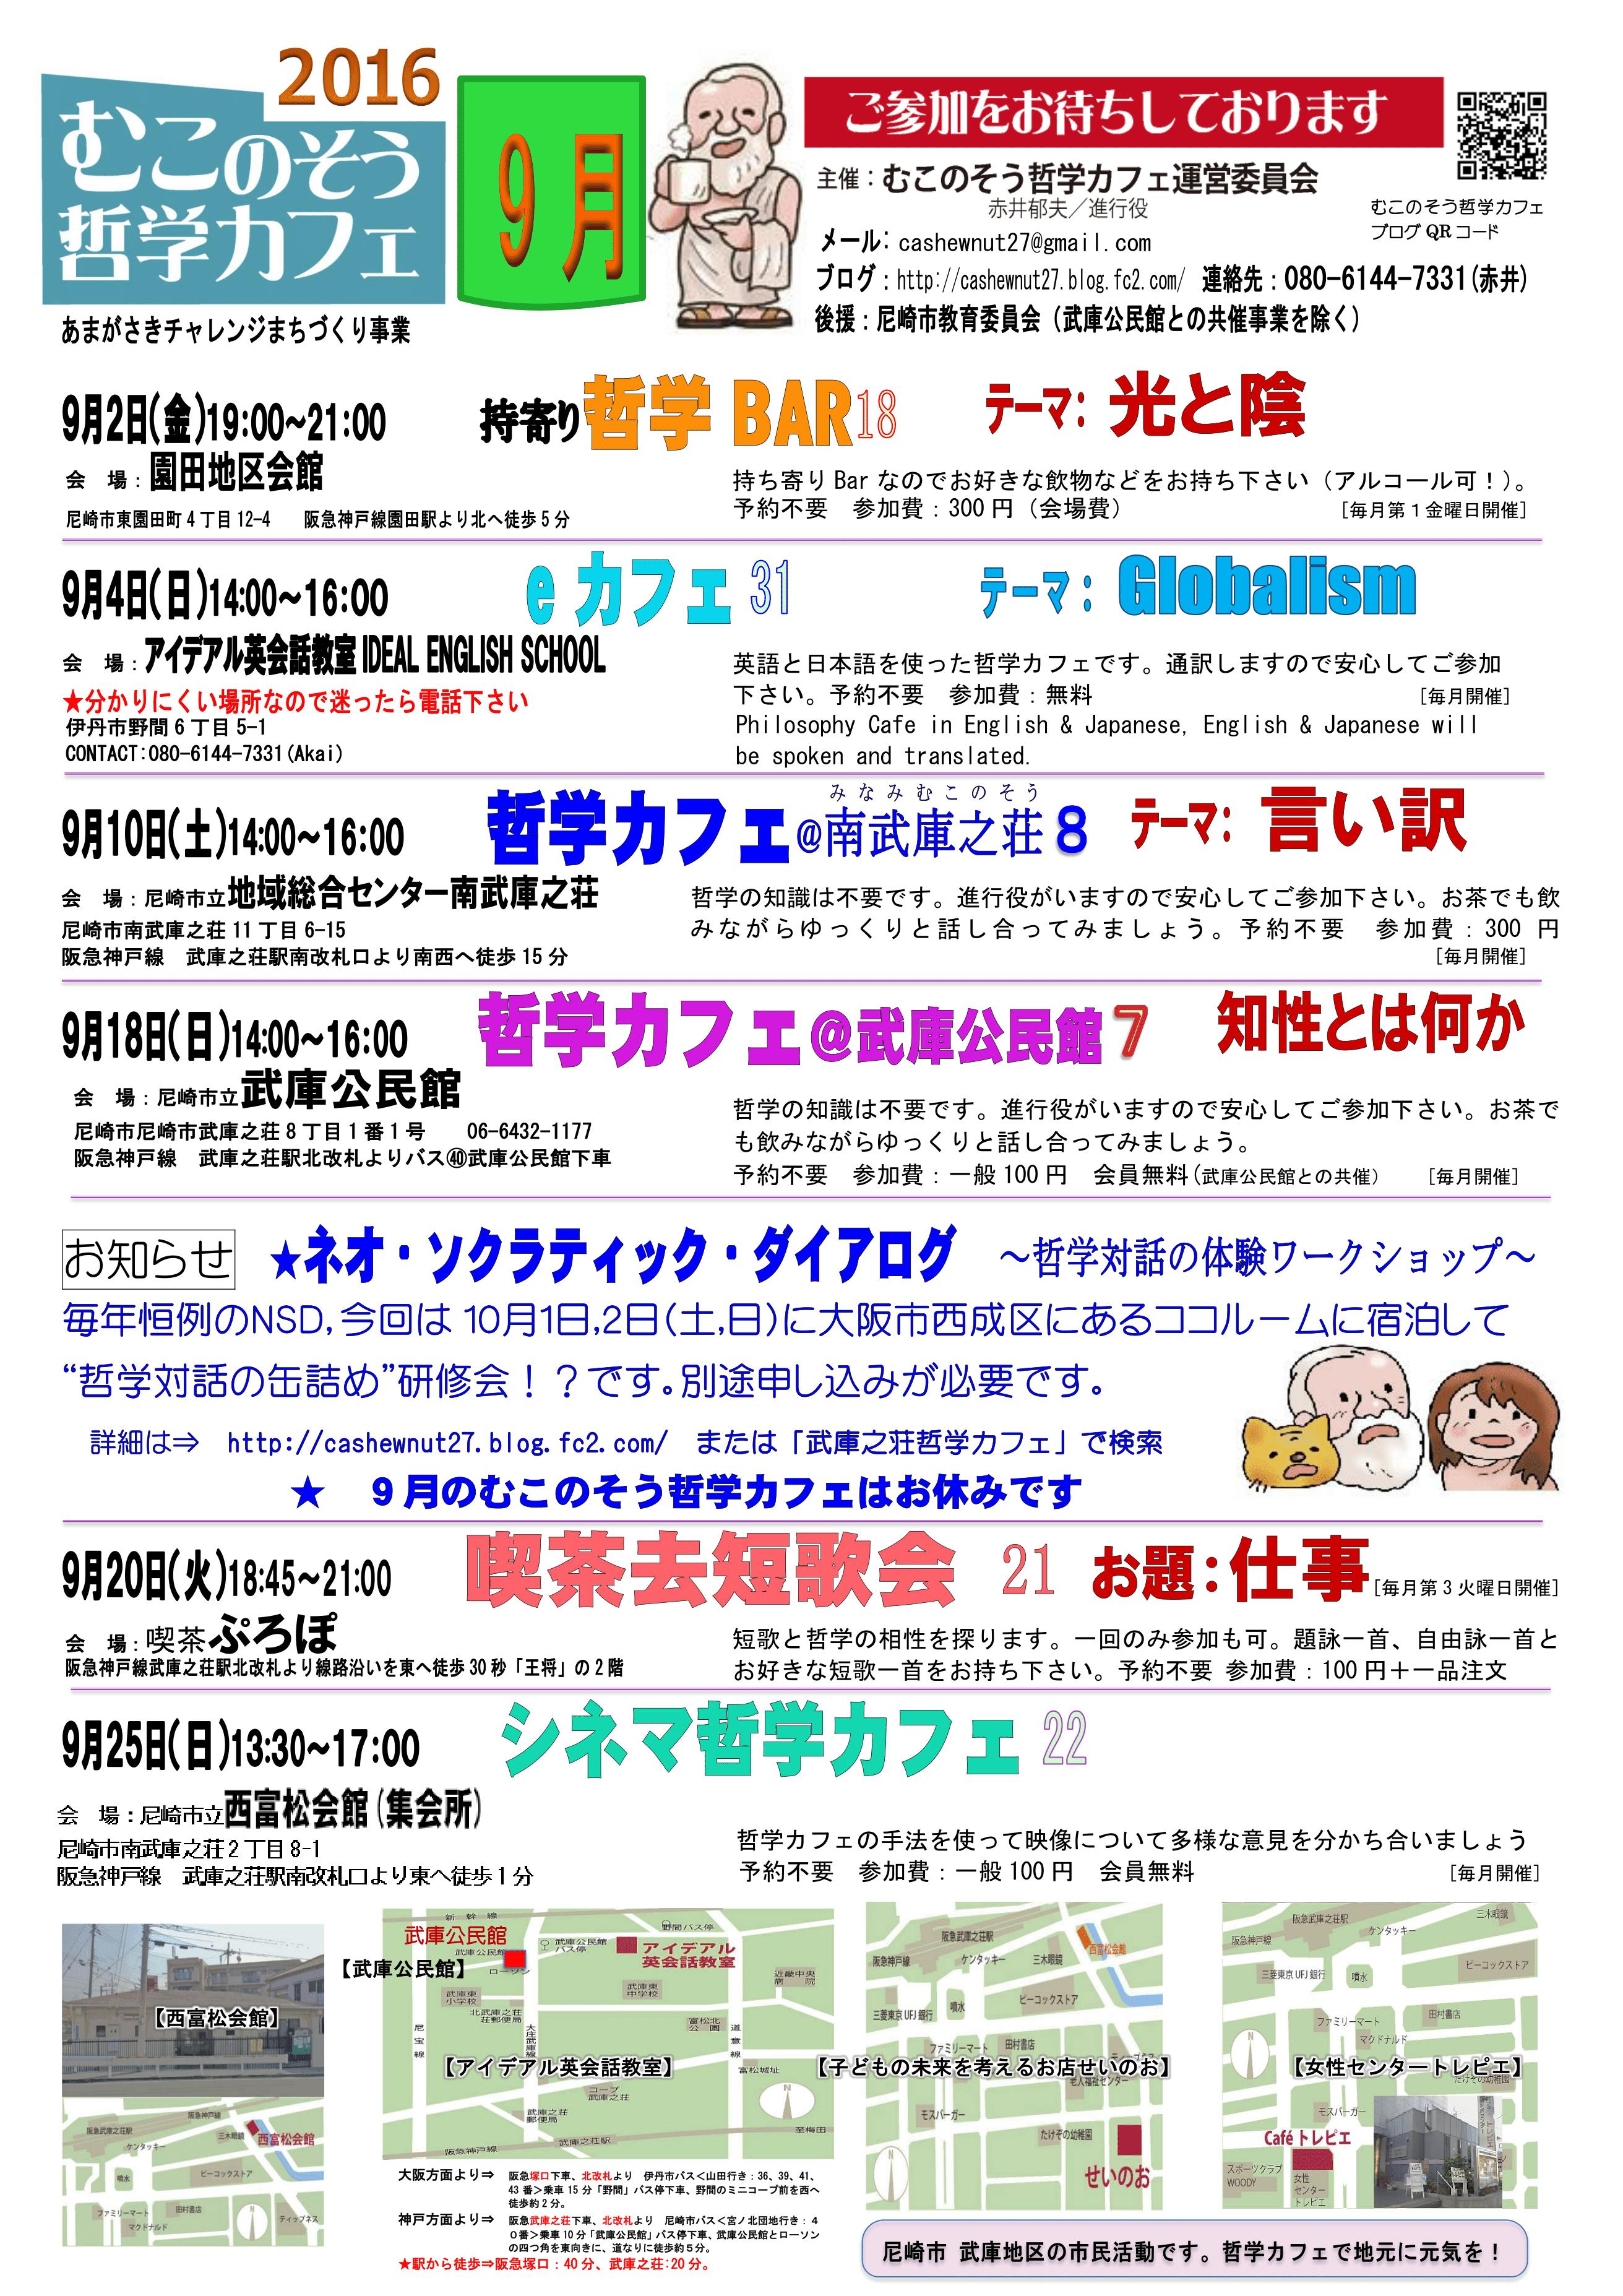 01609ポスター改2